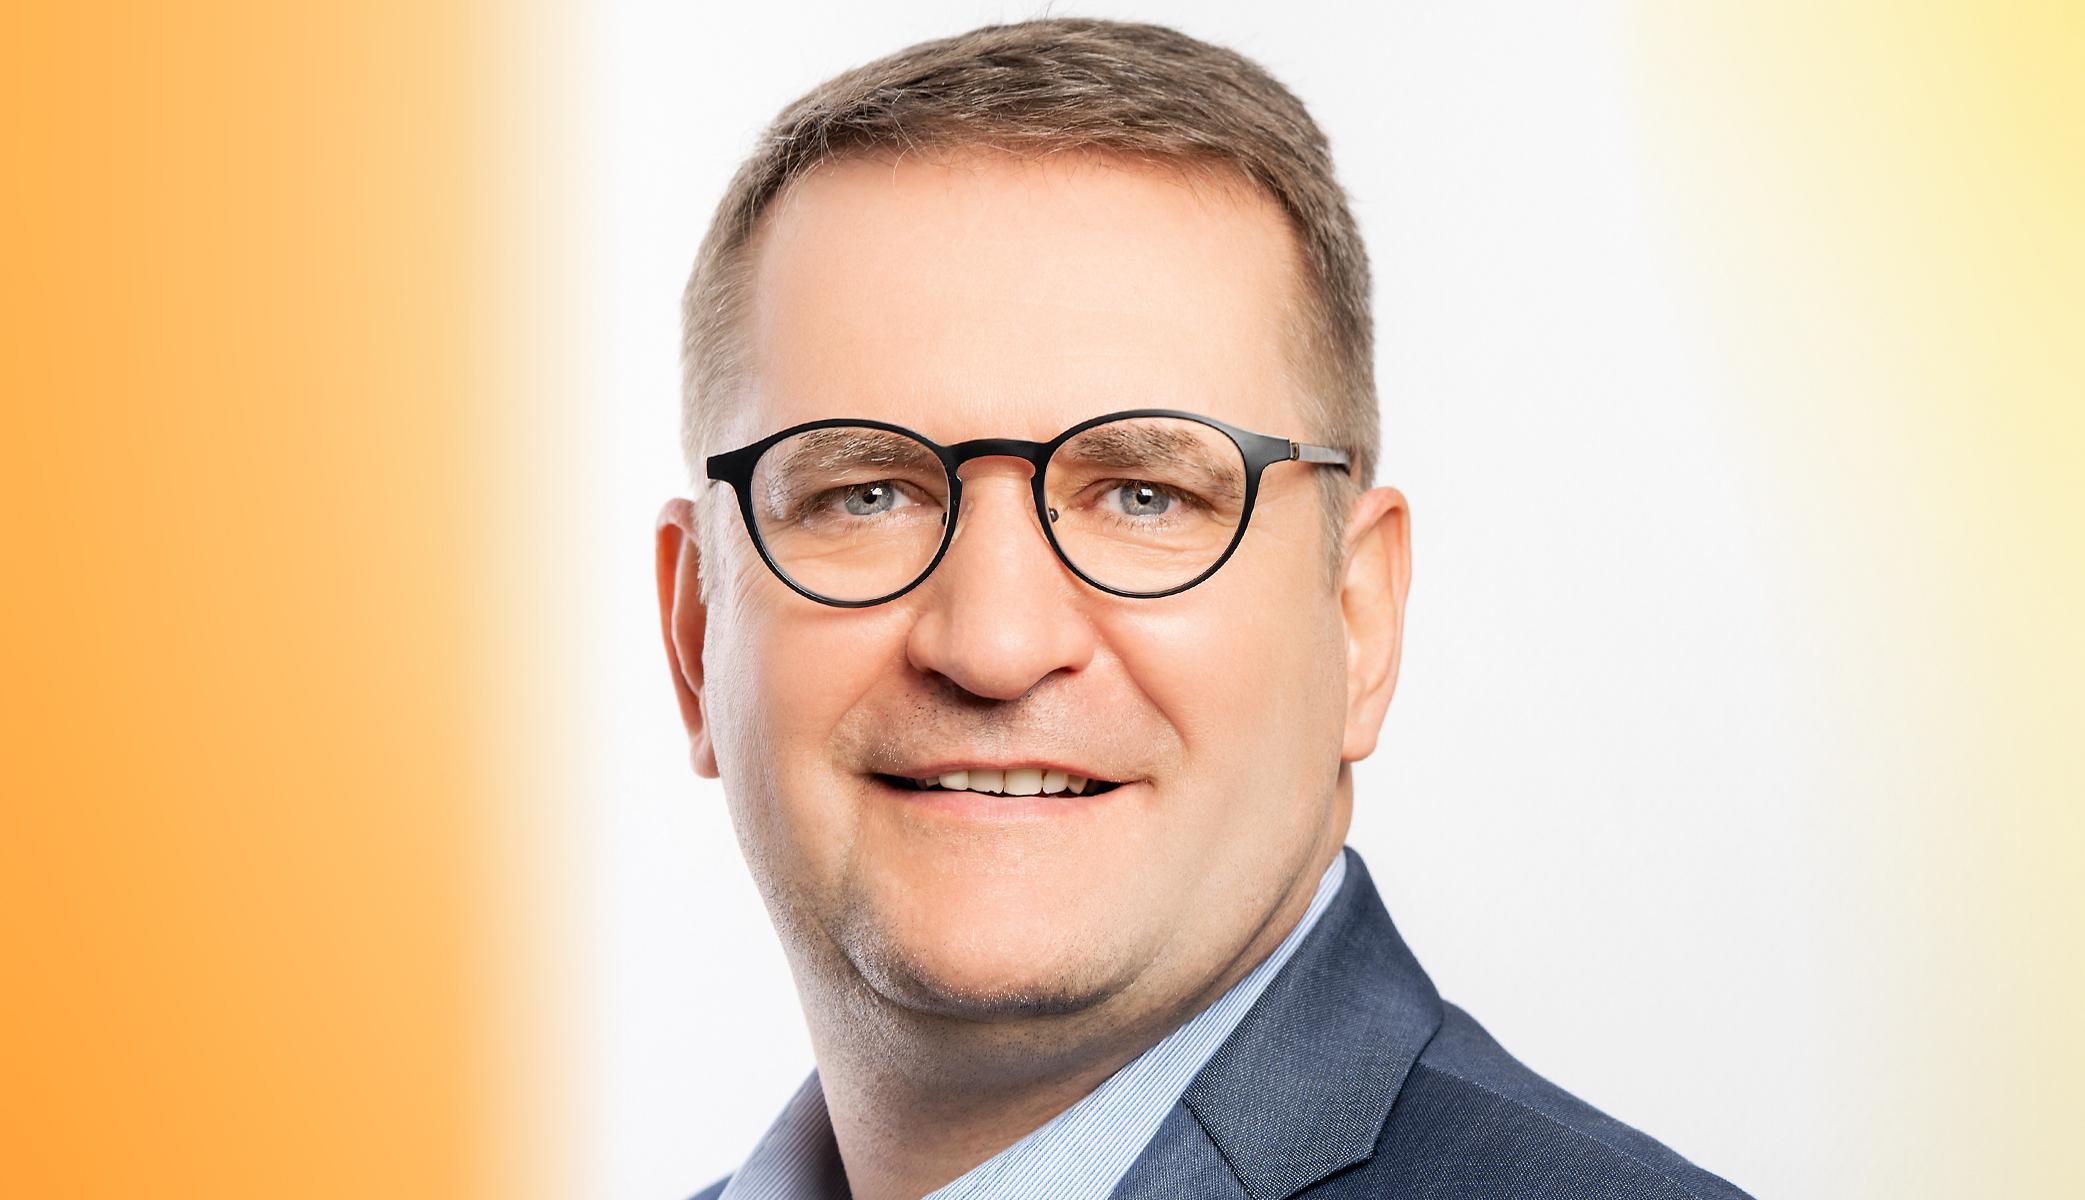 Bernd Frings